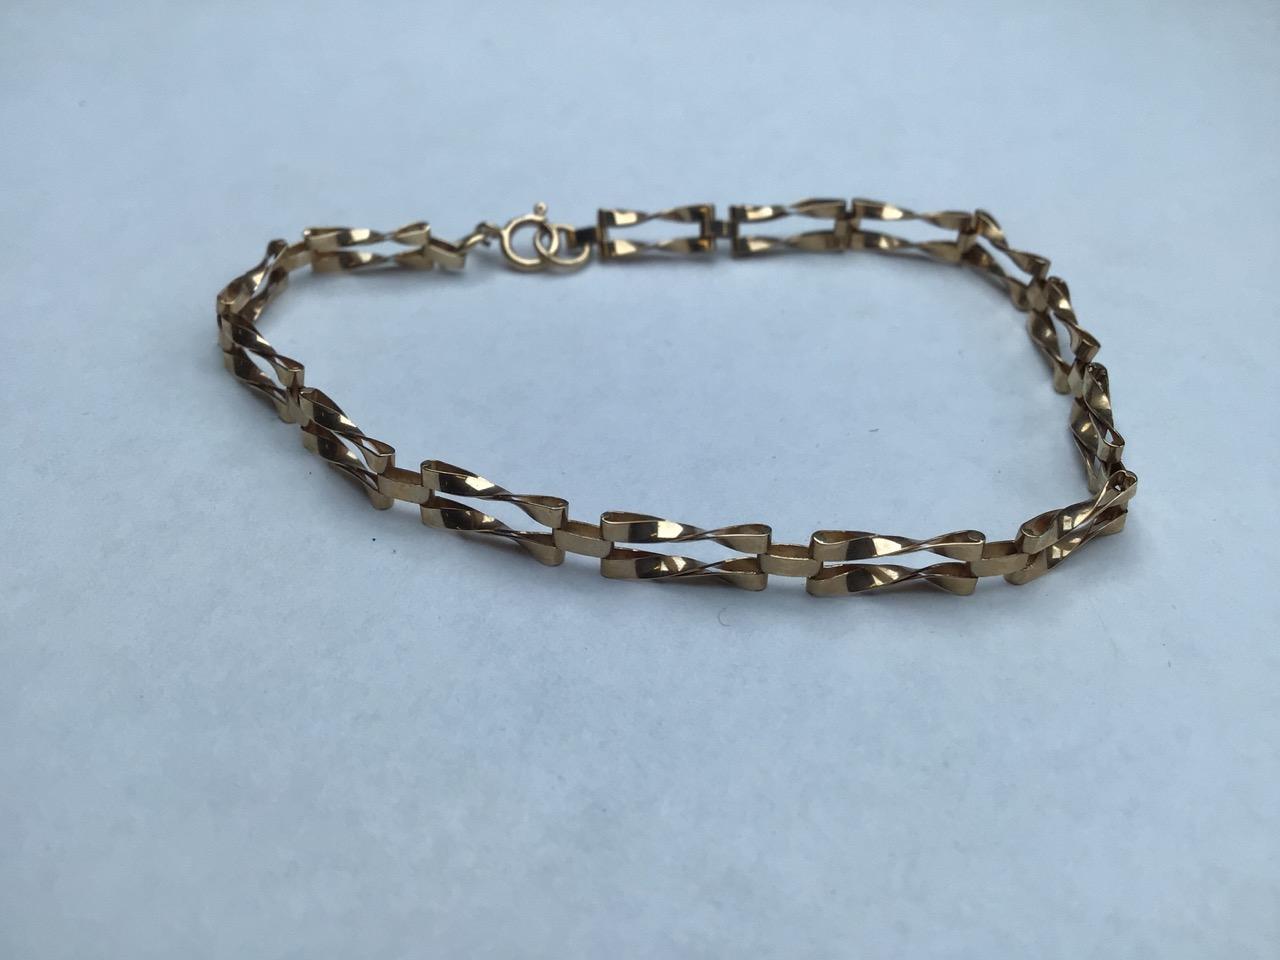 9ct gold fancy link bracelet. 1.8g 16cm - Image 3 of 4